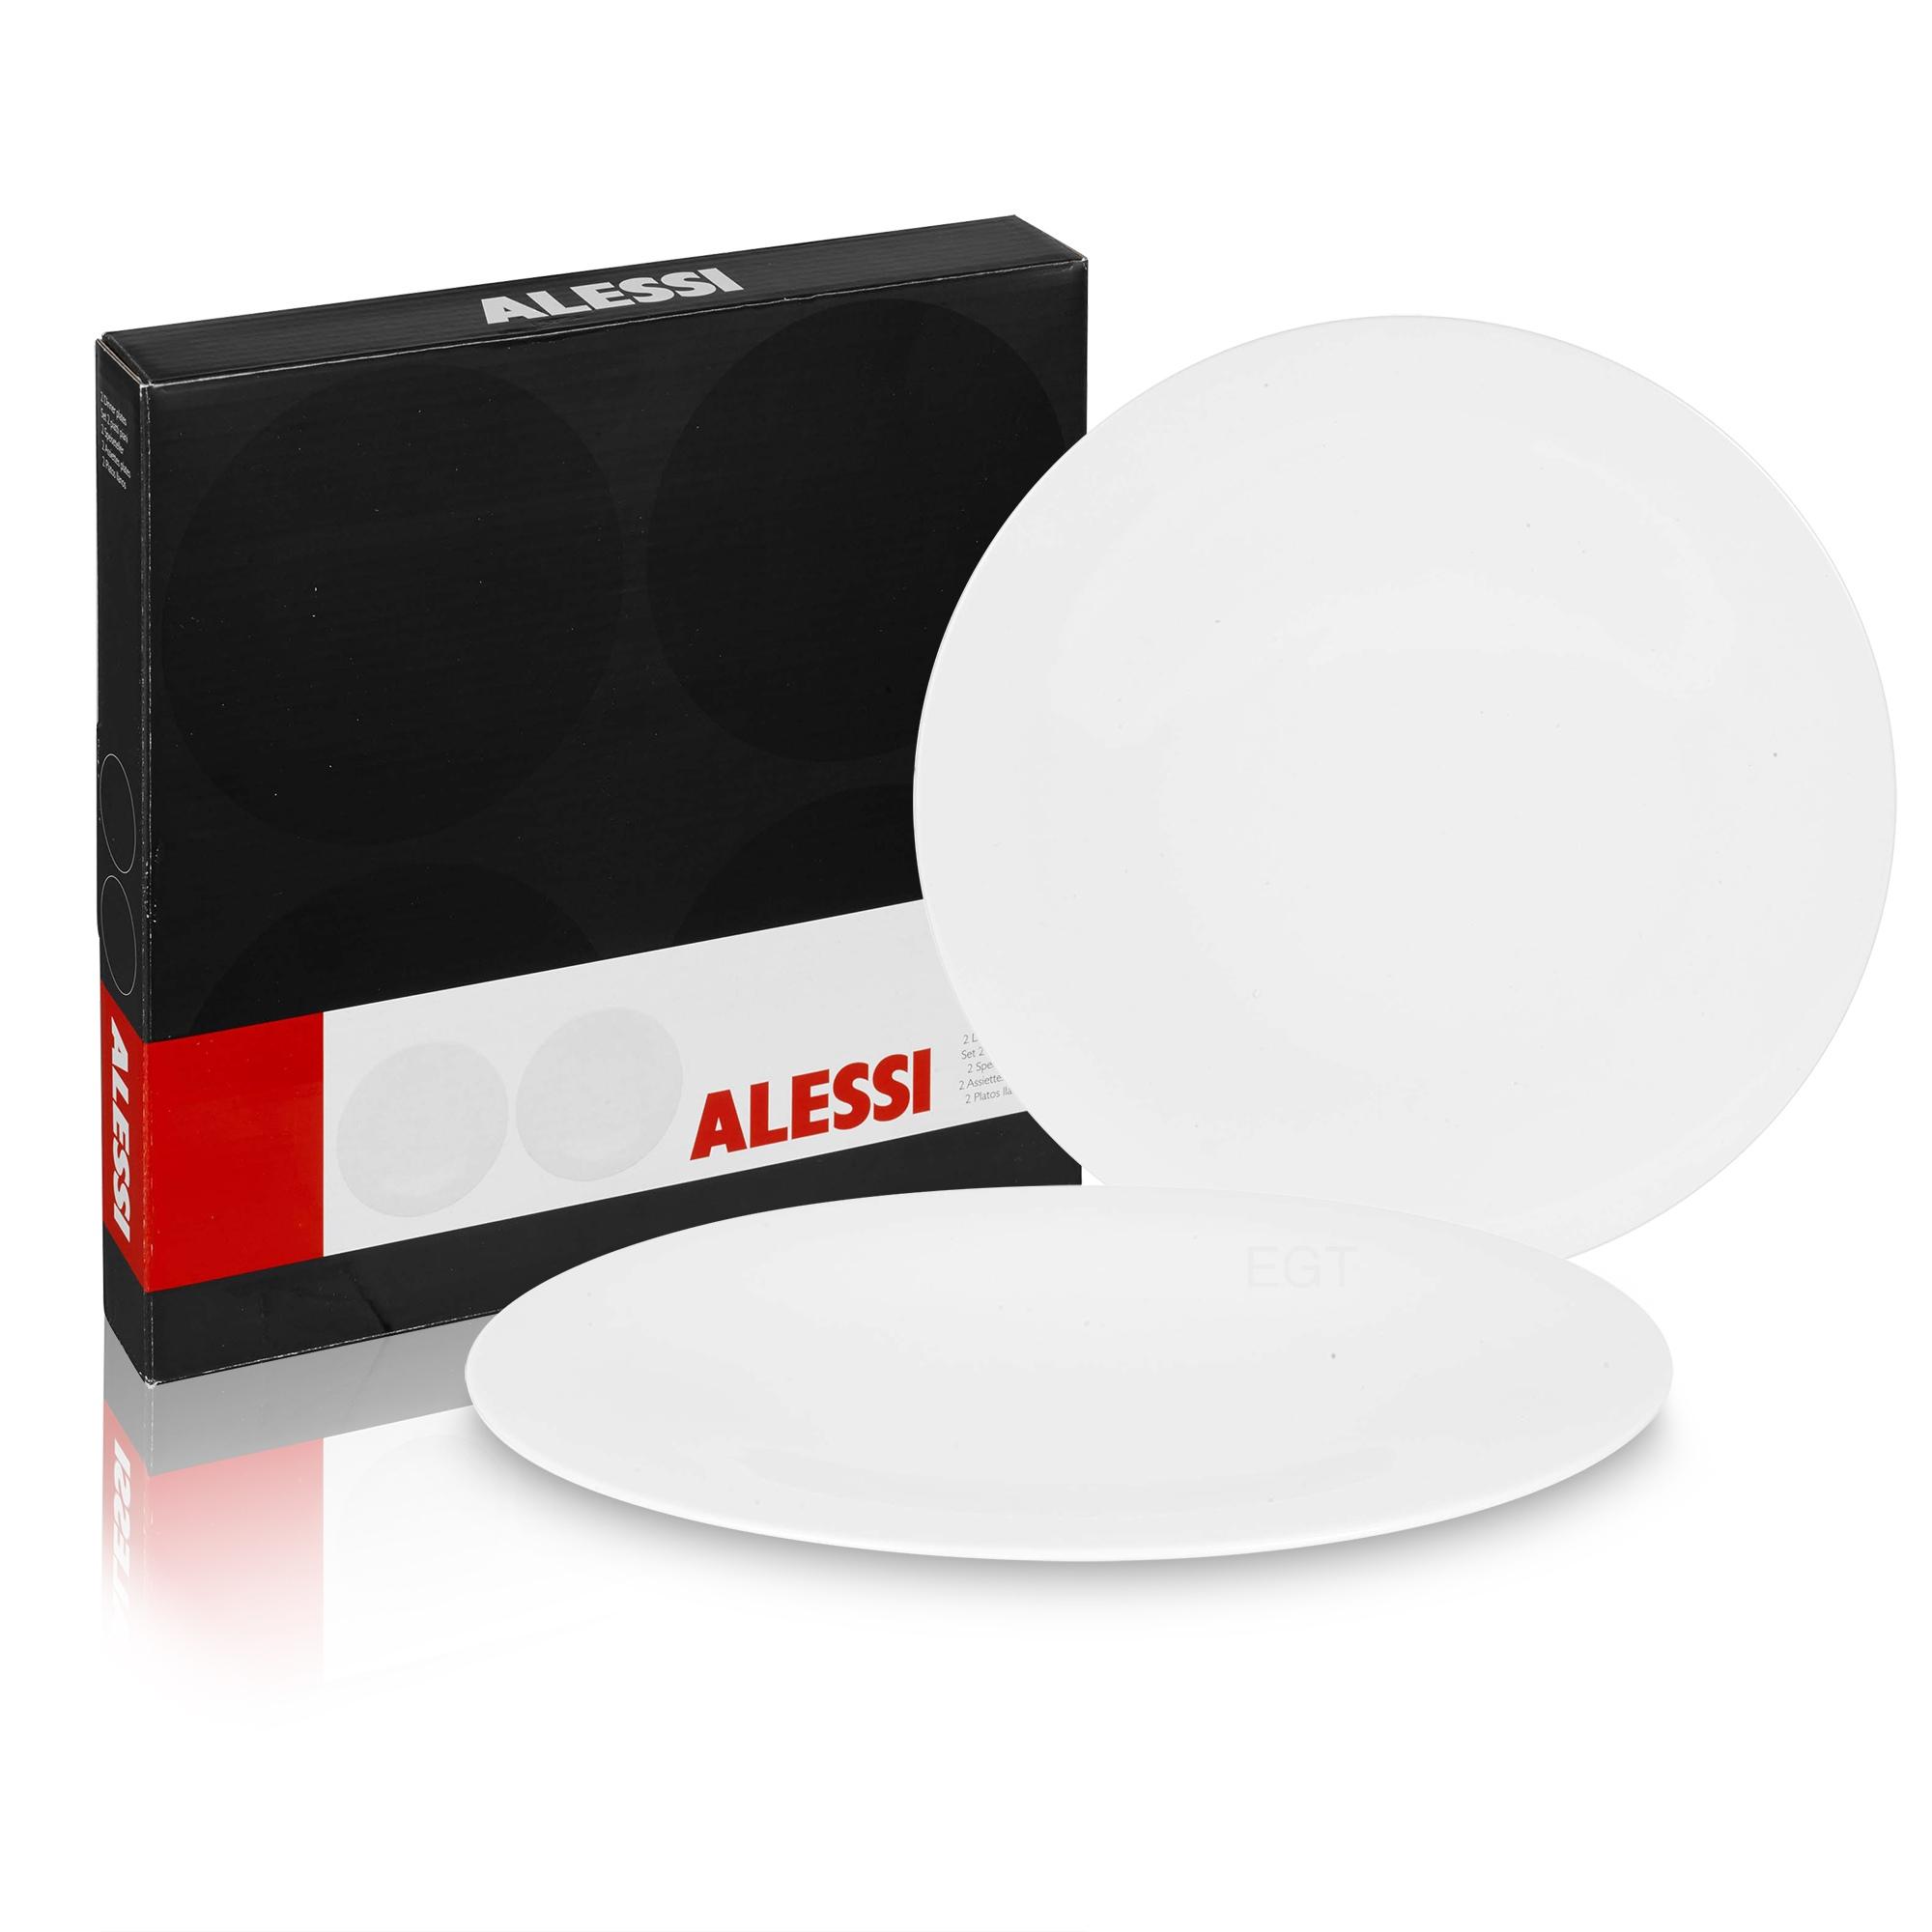 . alessi ku set of  modern porcelain design dinner plates tableware